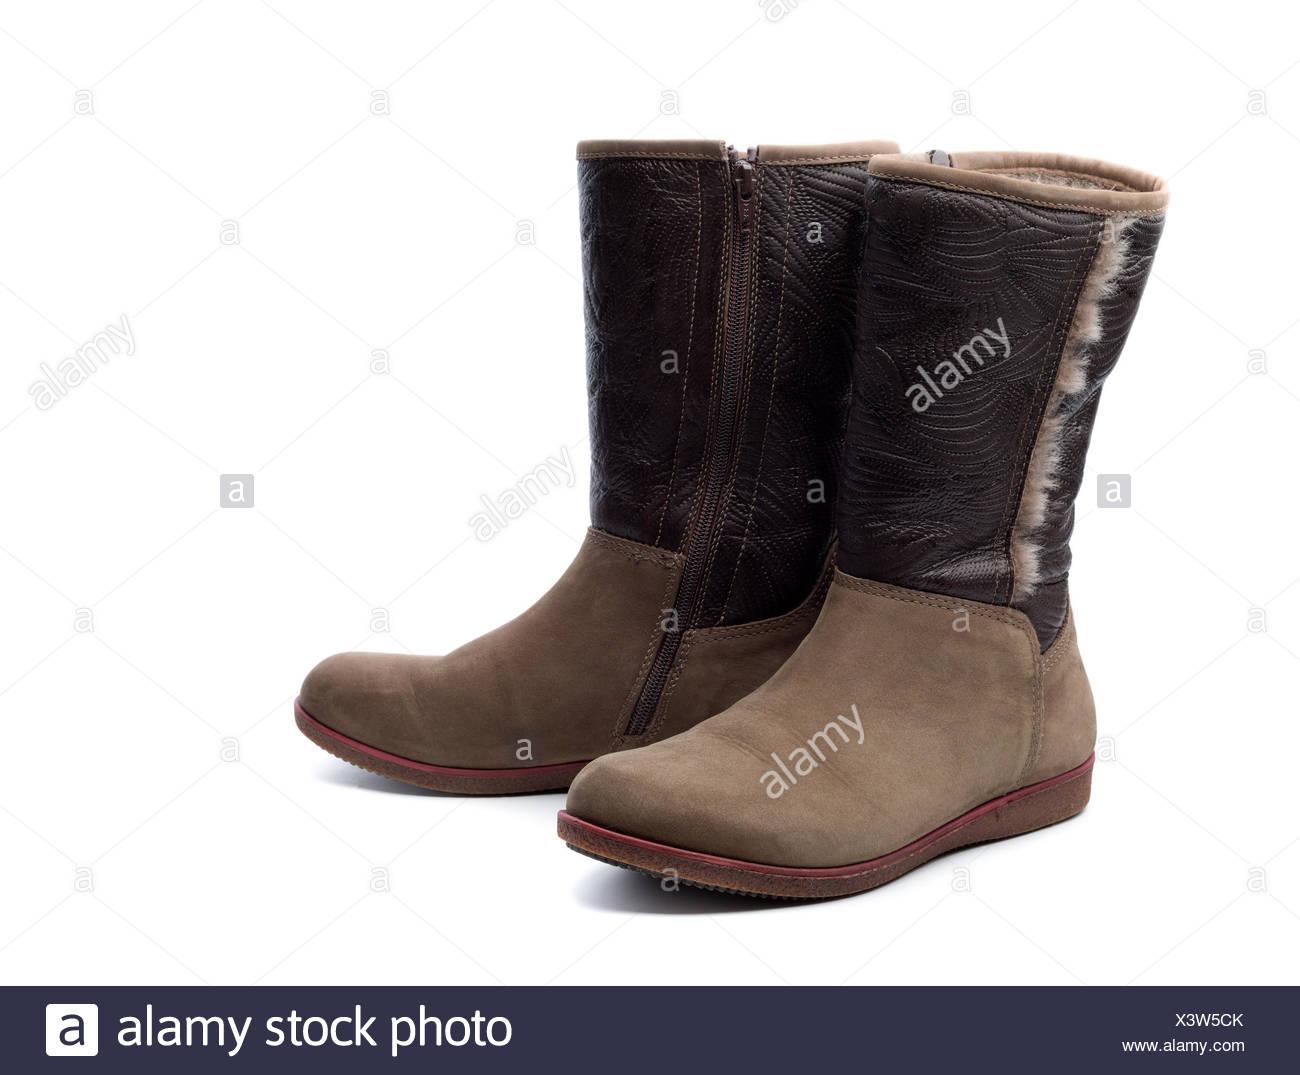 Paar Leder Damen Stiefel mit Fell. Isolieren Sie auf weiß Stockfoto ... f1a6f937be